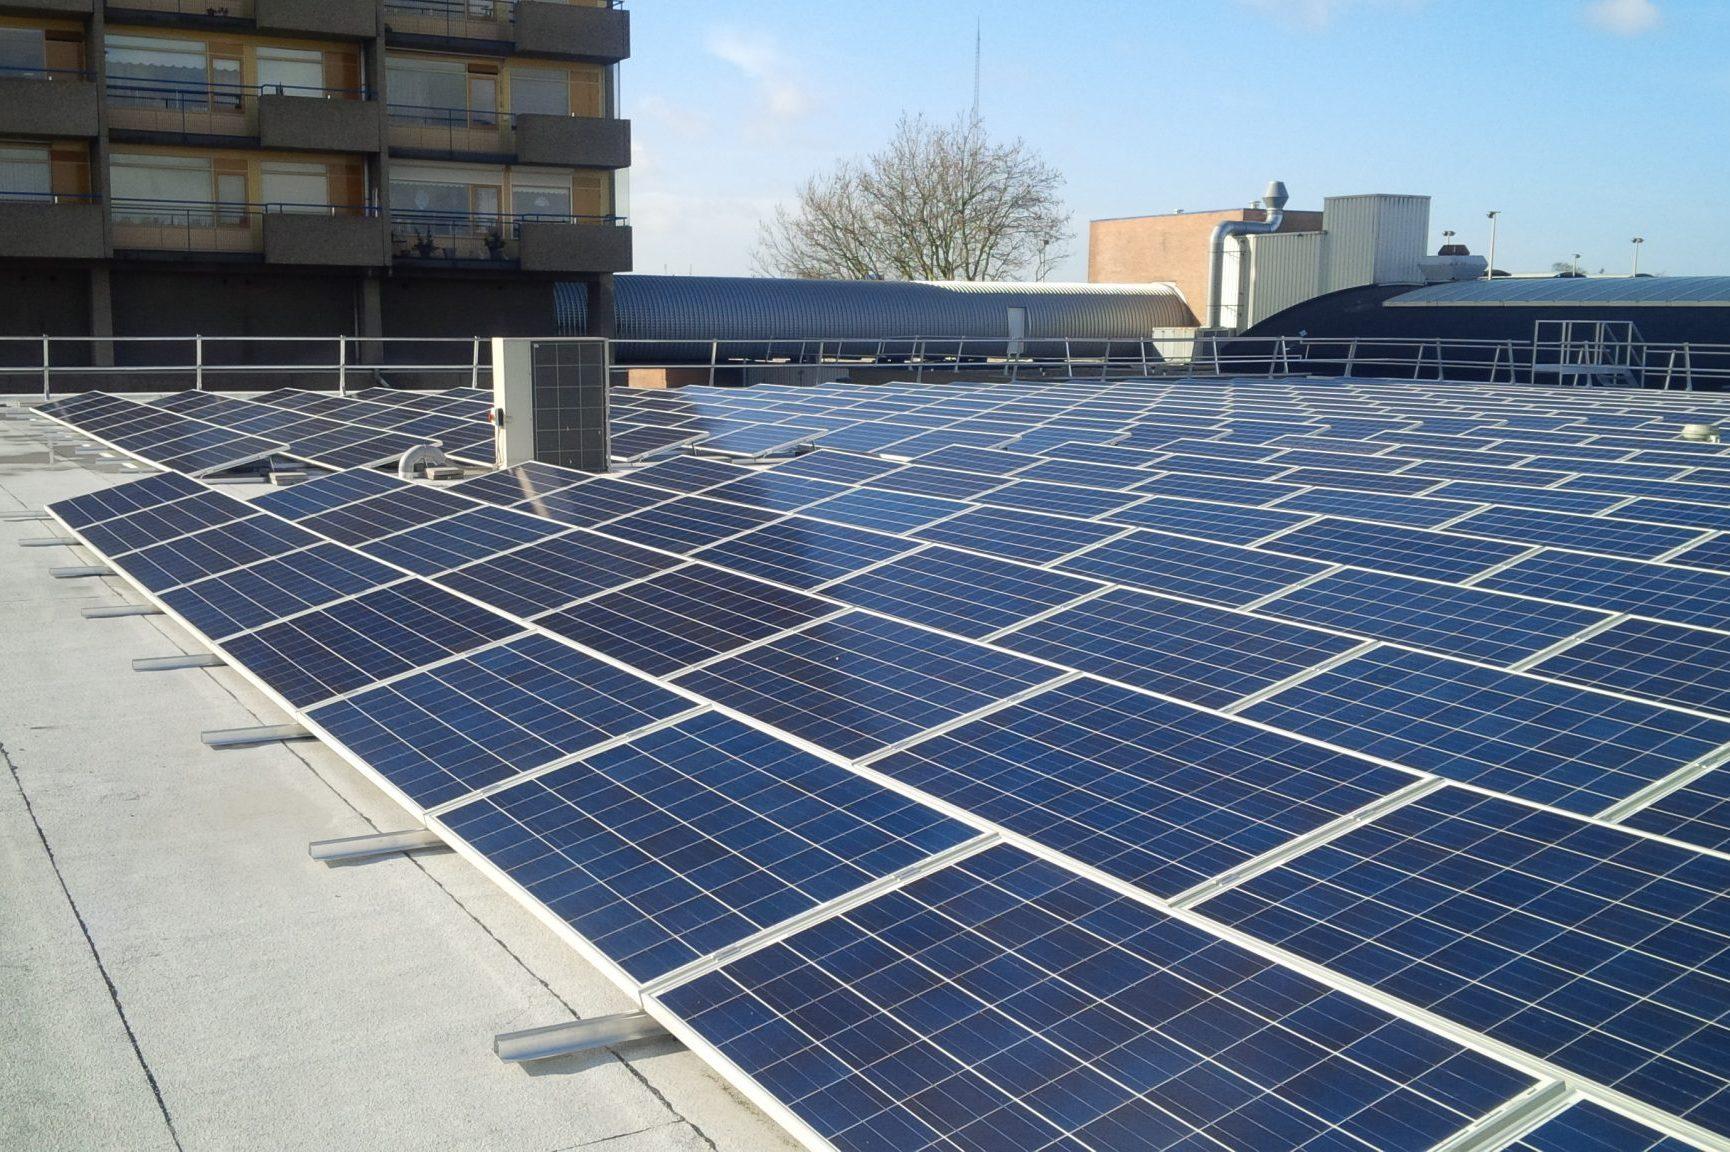 zonneparken, zonnepanelen, pv-panelen